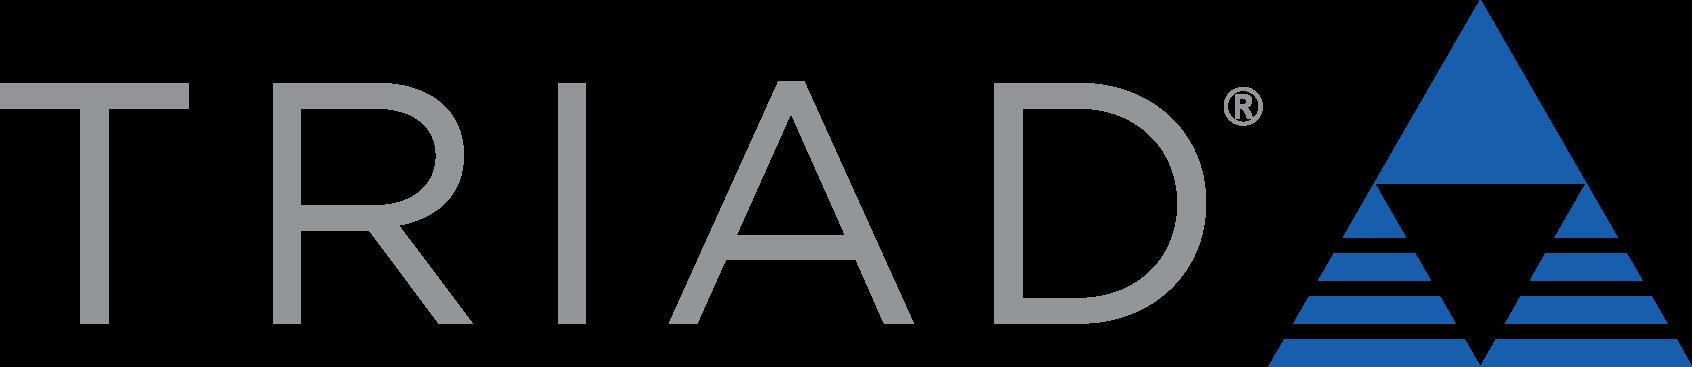 triad_logo_color_rgb.png